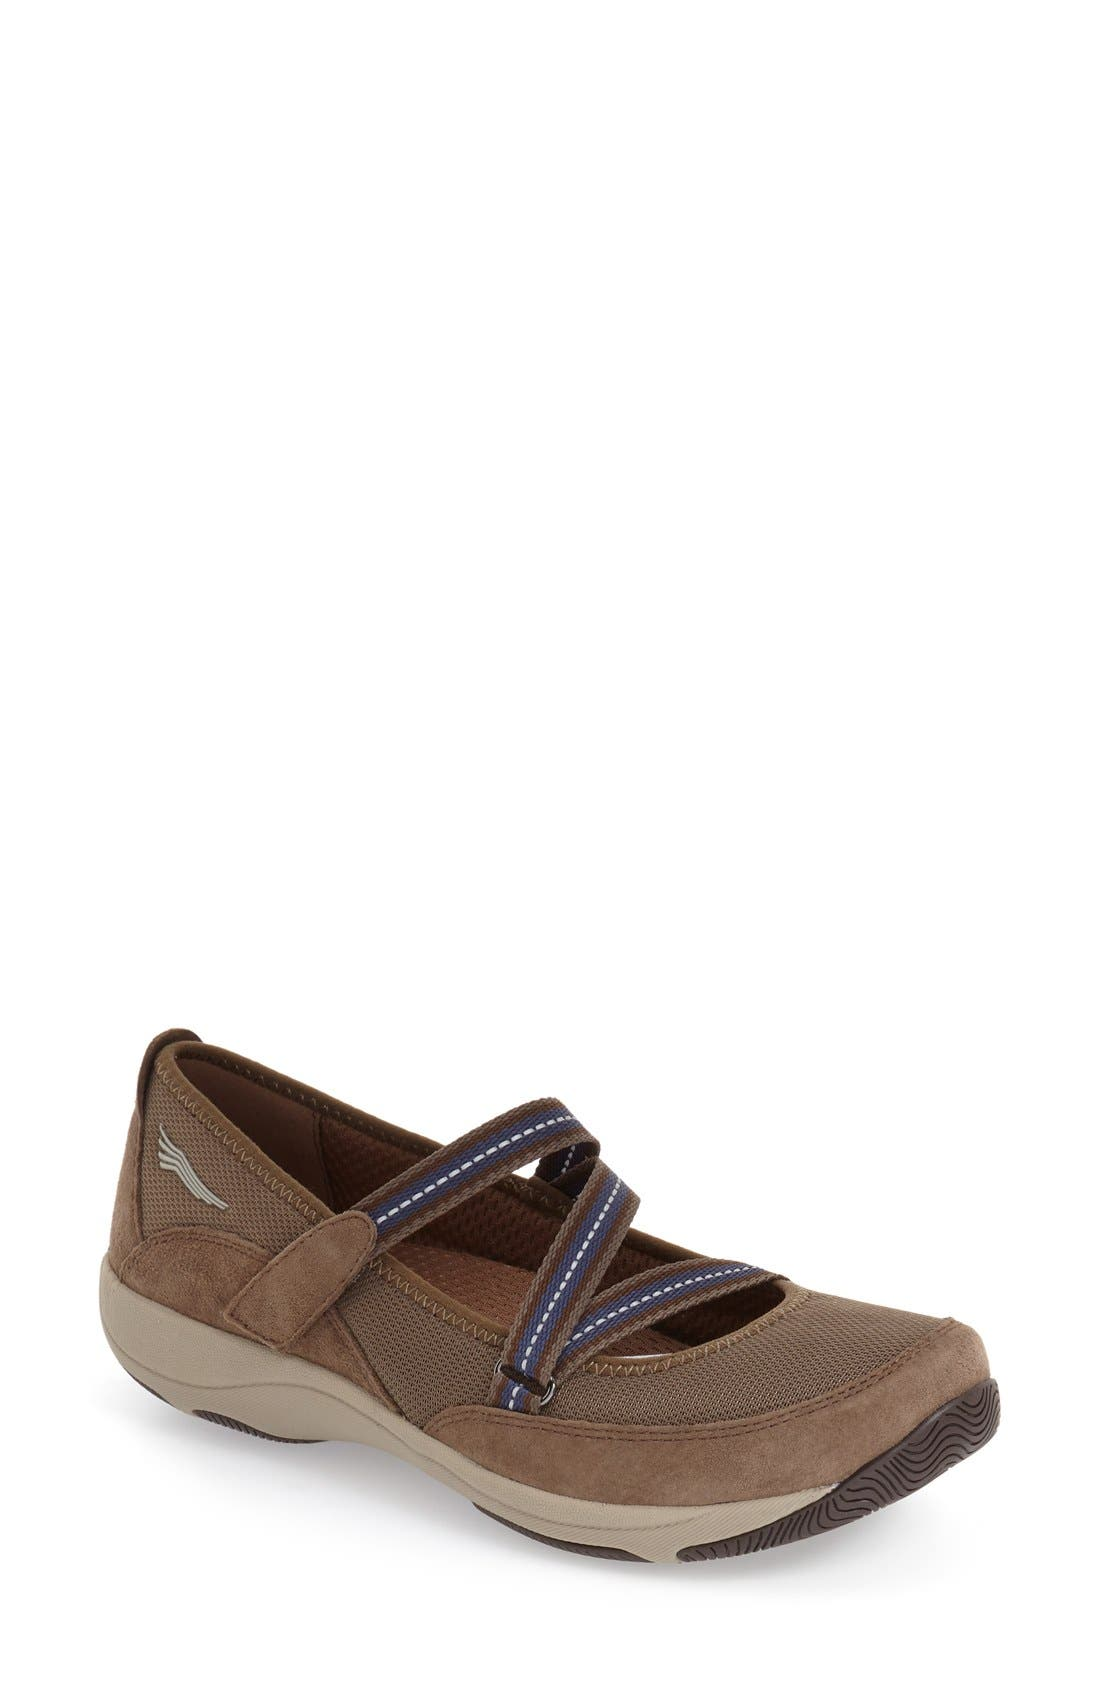 DANSKO 'Hazel' Slip-On Sneaker